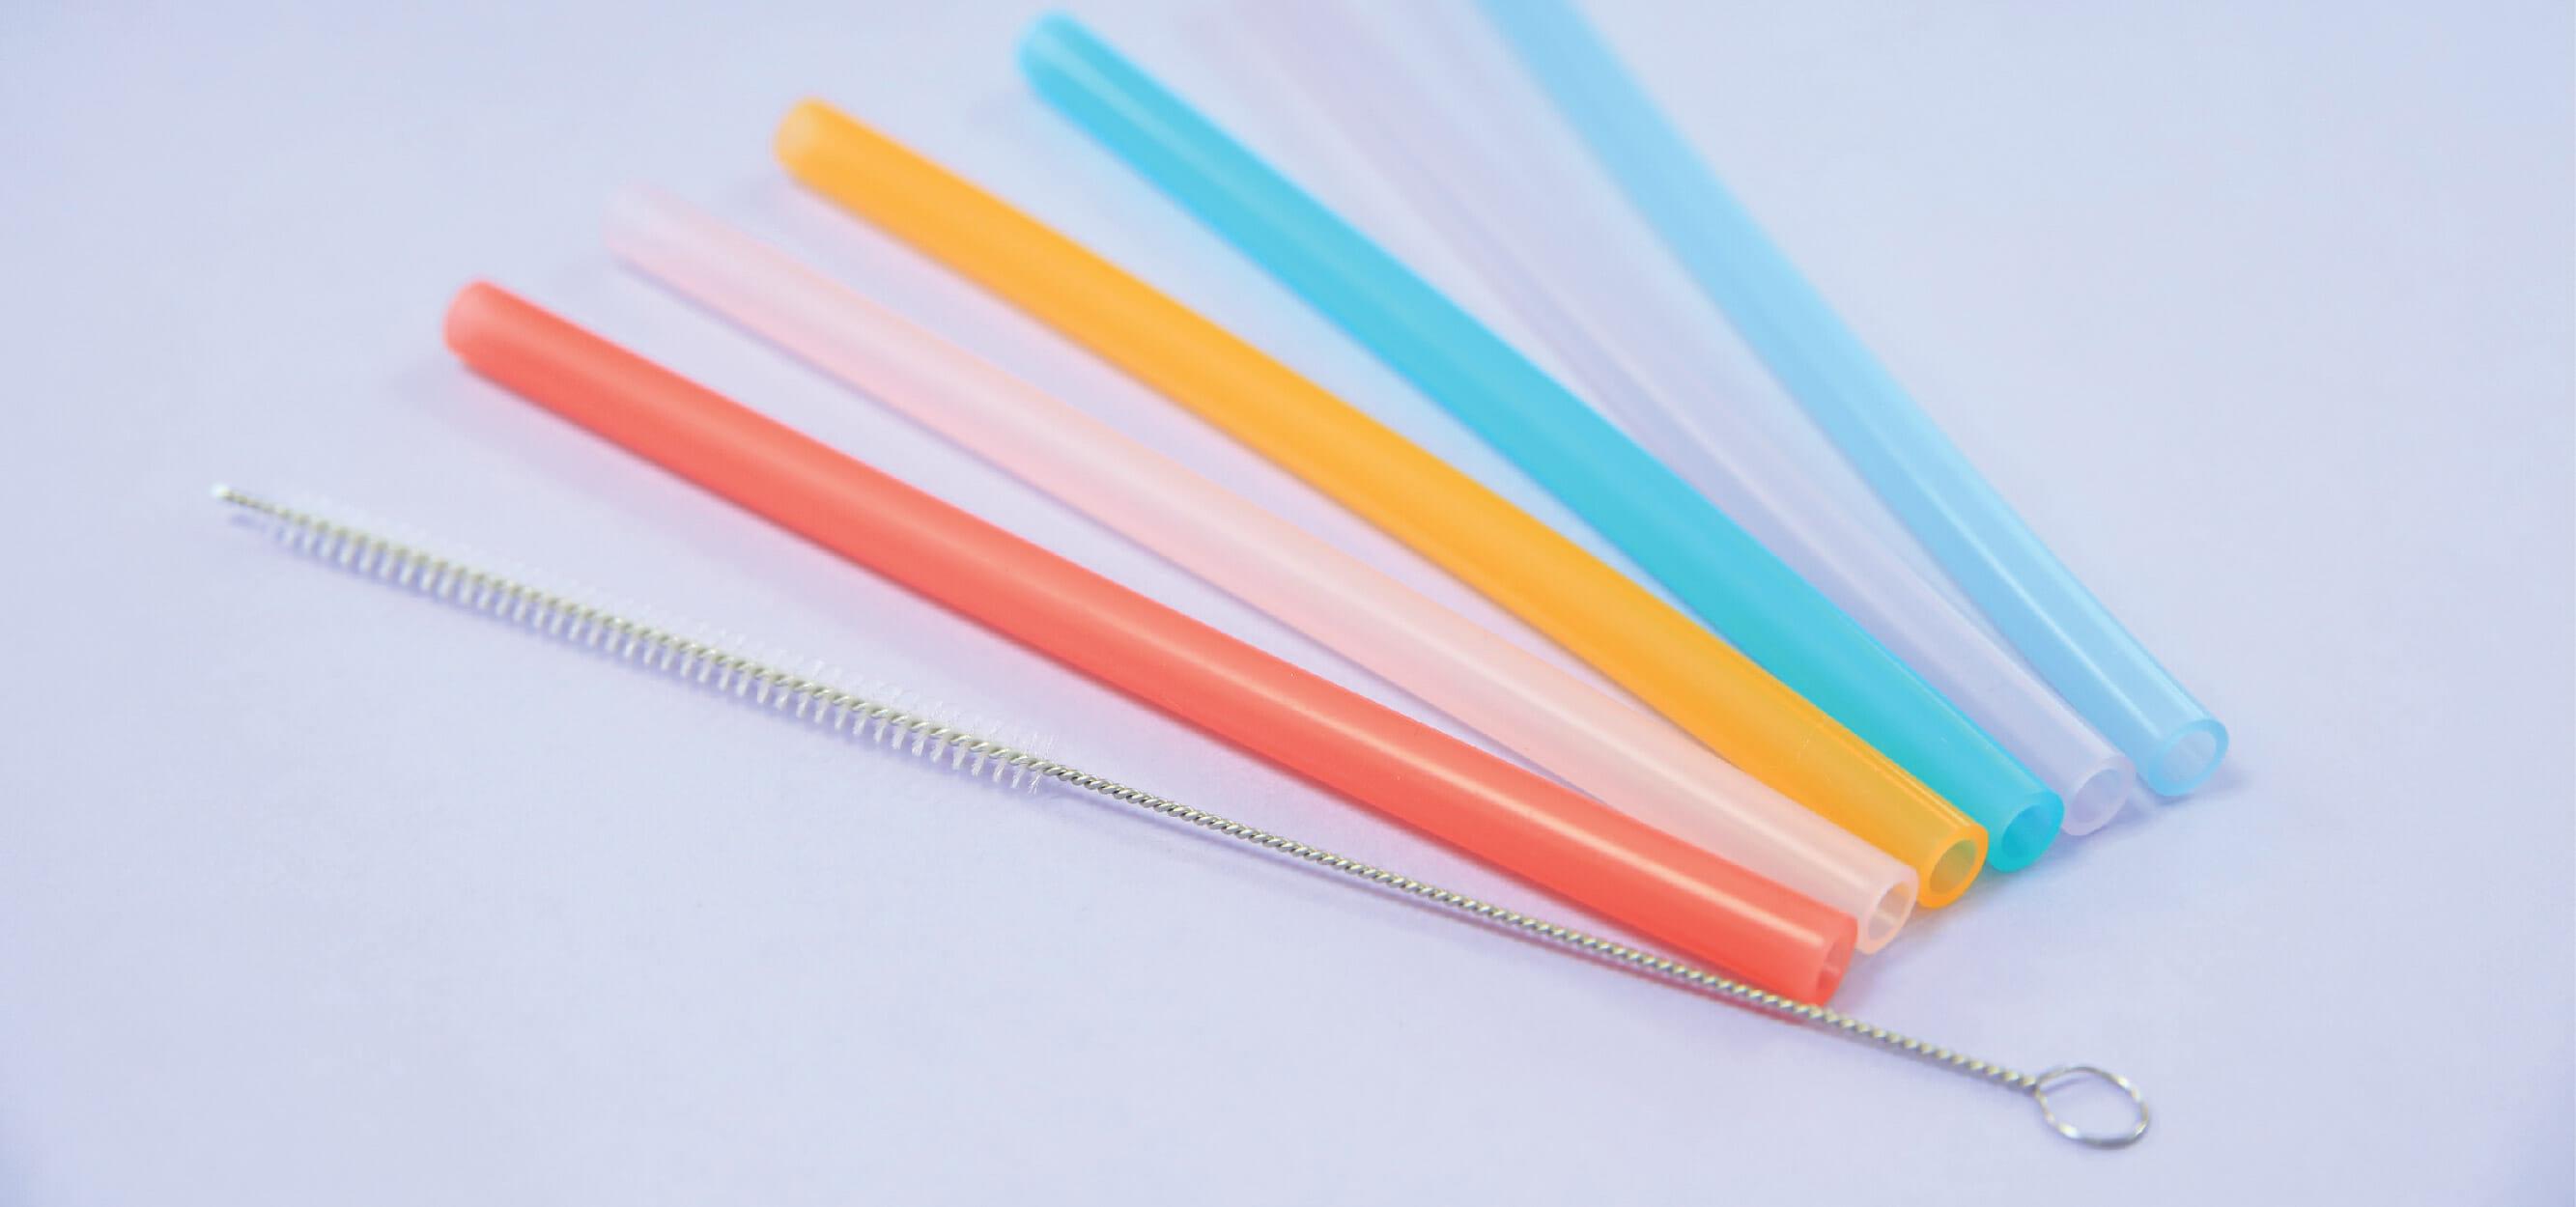 marcus and marcus reusable straw ç¯ä¿å¾ªç¯ä½¿ç¨å¸ç®¡